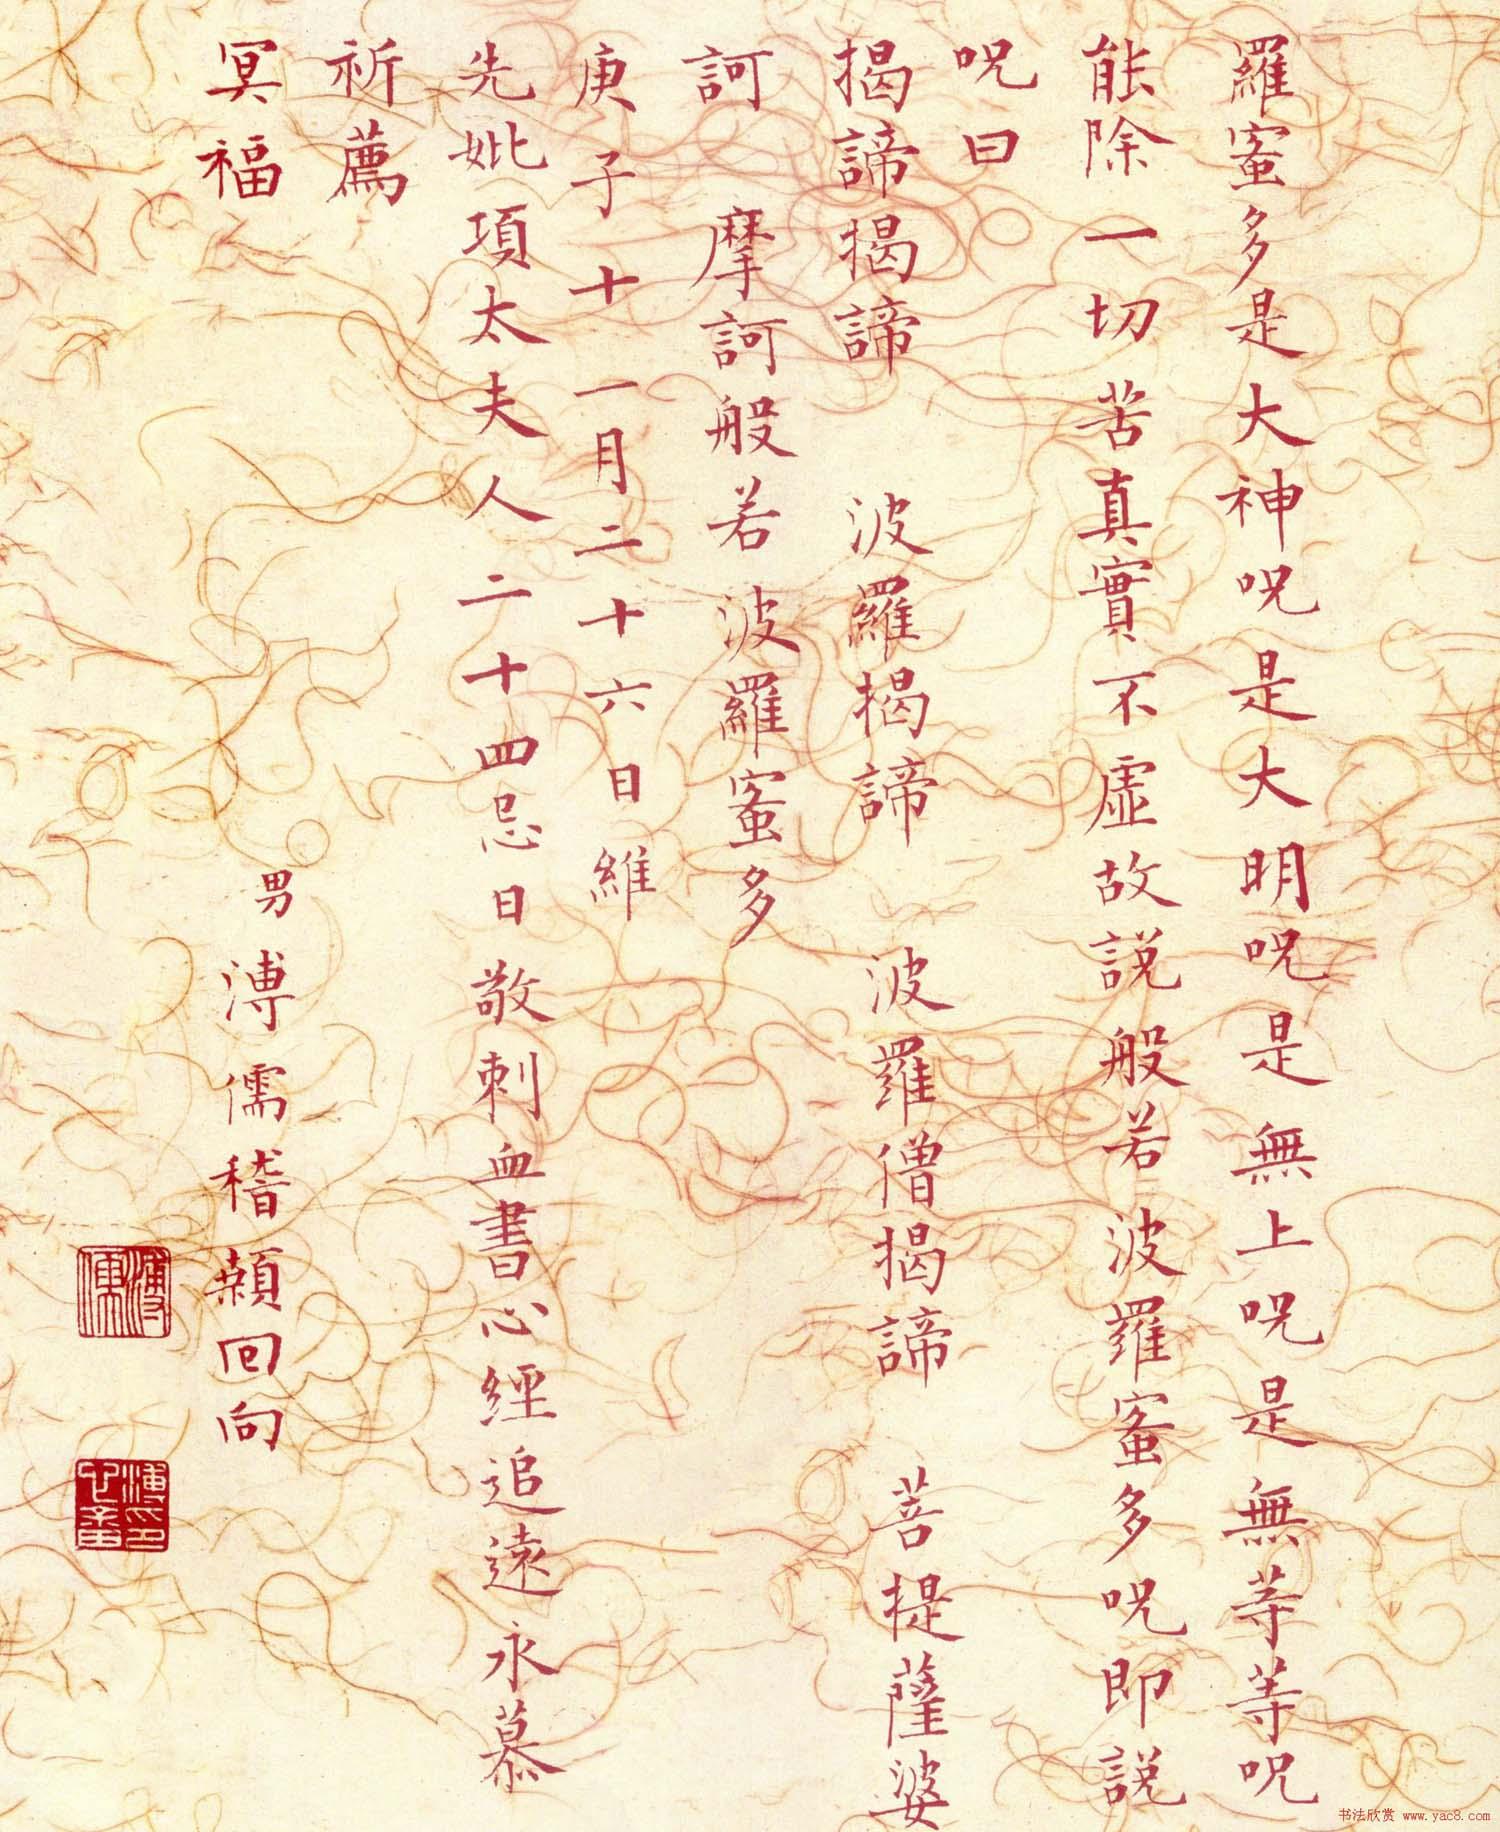 近代溥儒书法小楷 心经 心经专辑 名家手迹 第2页 书法欣赏